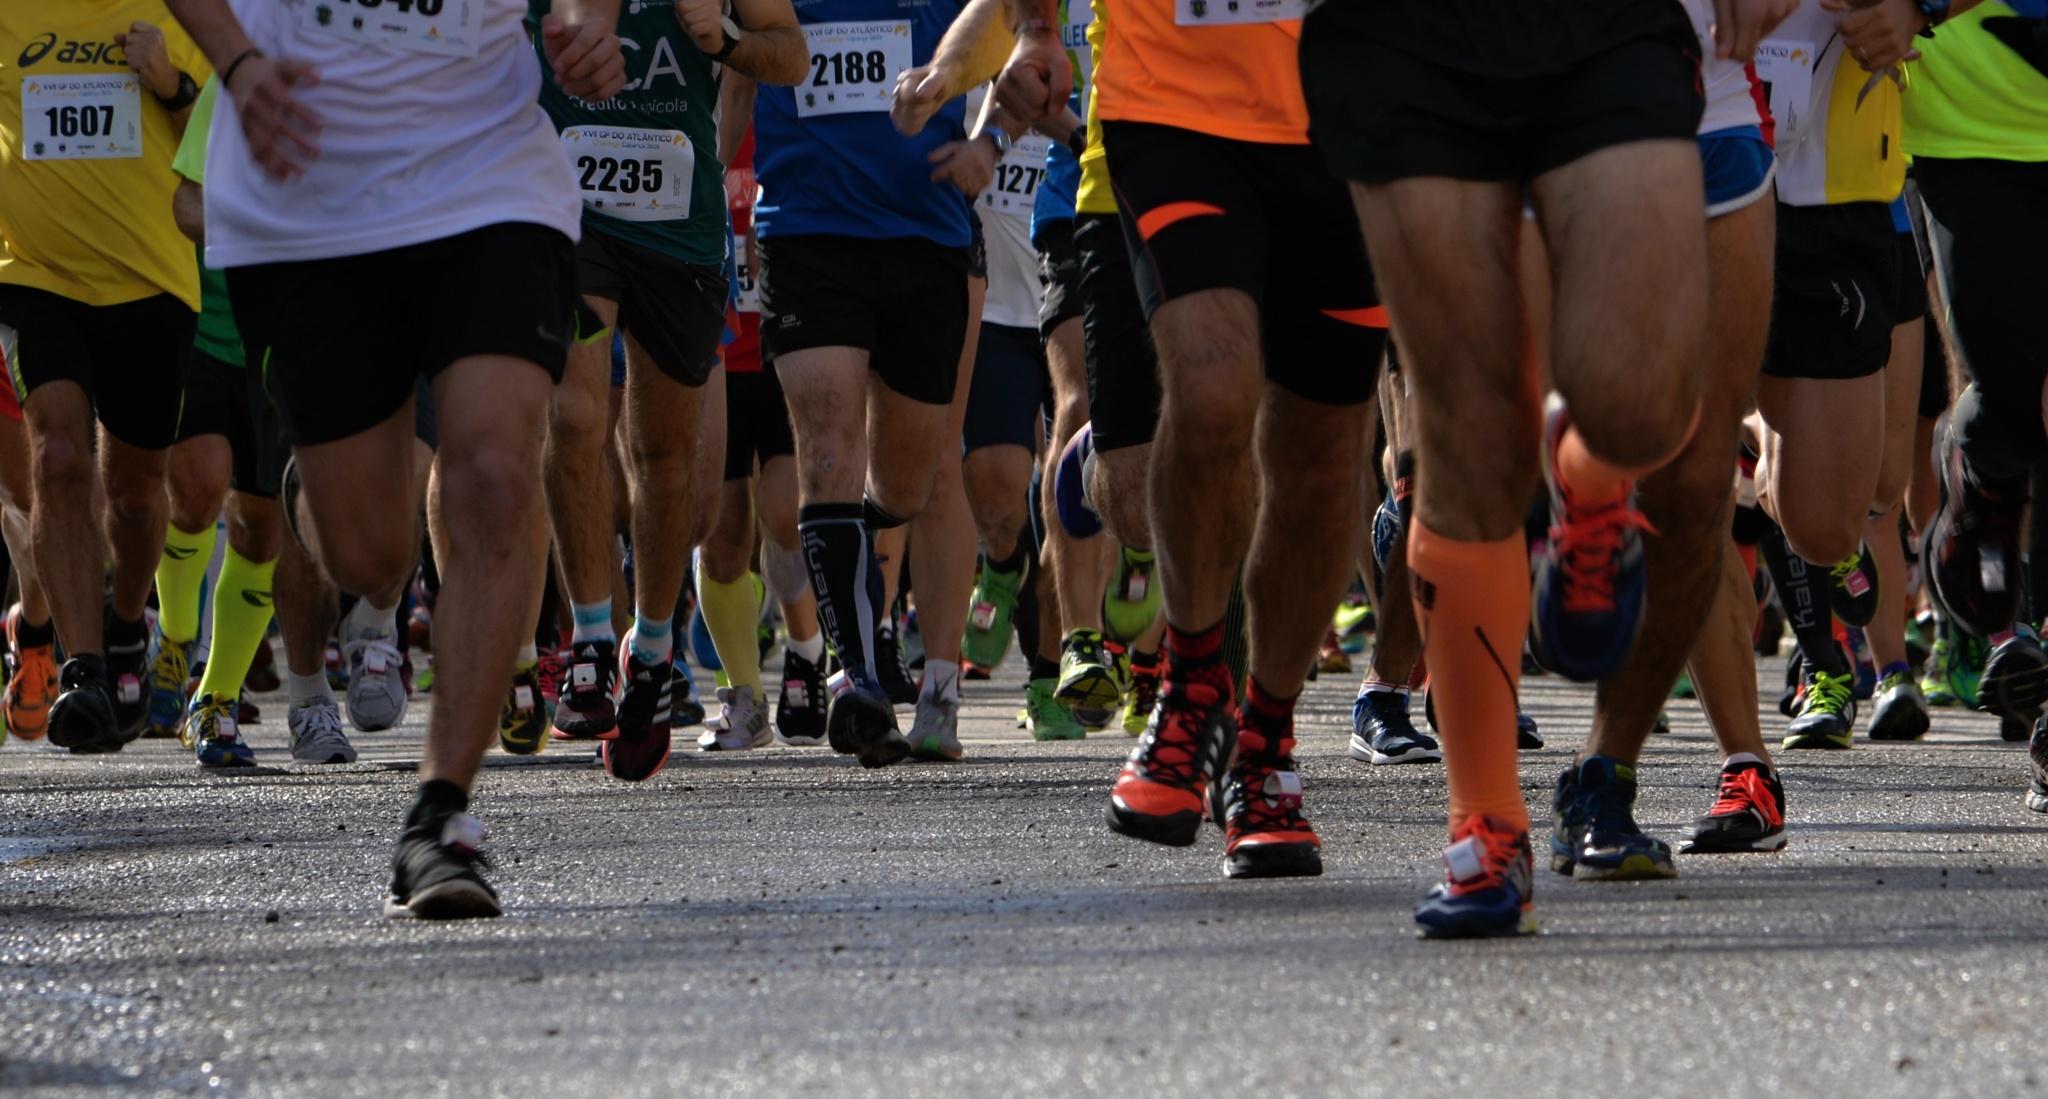 the race by Jorge Cascalho